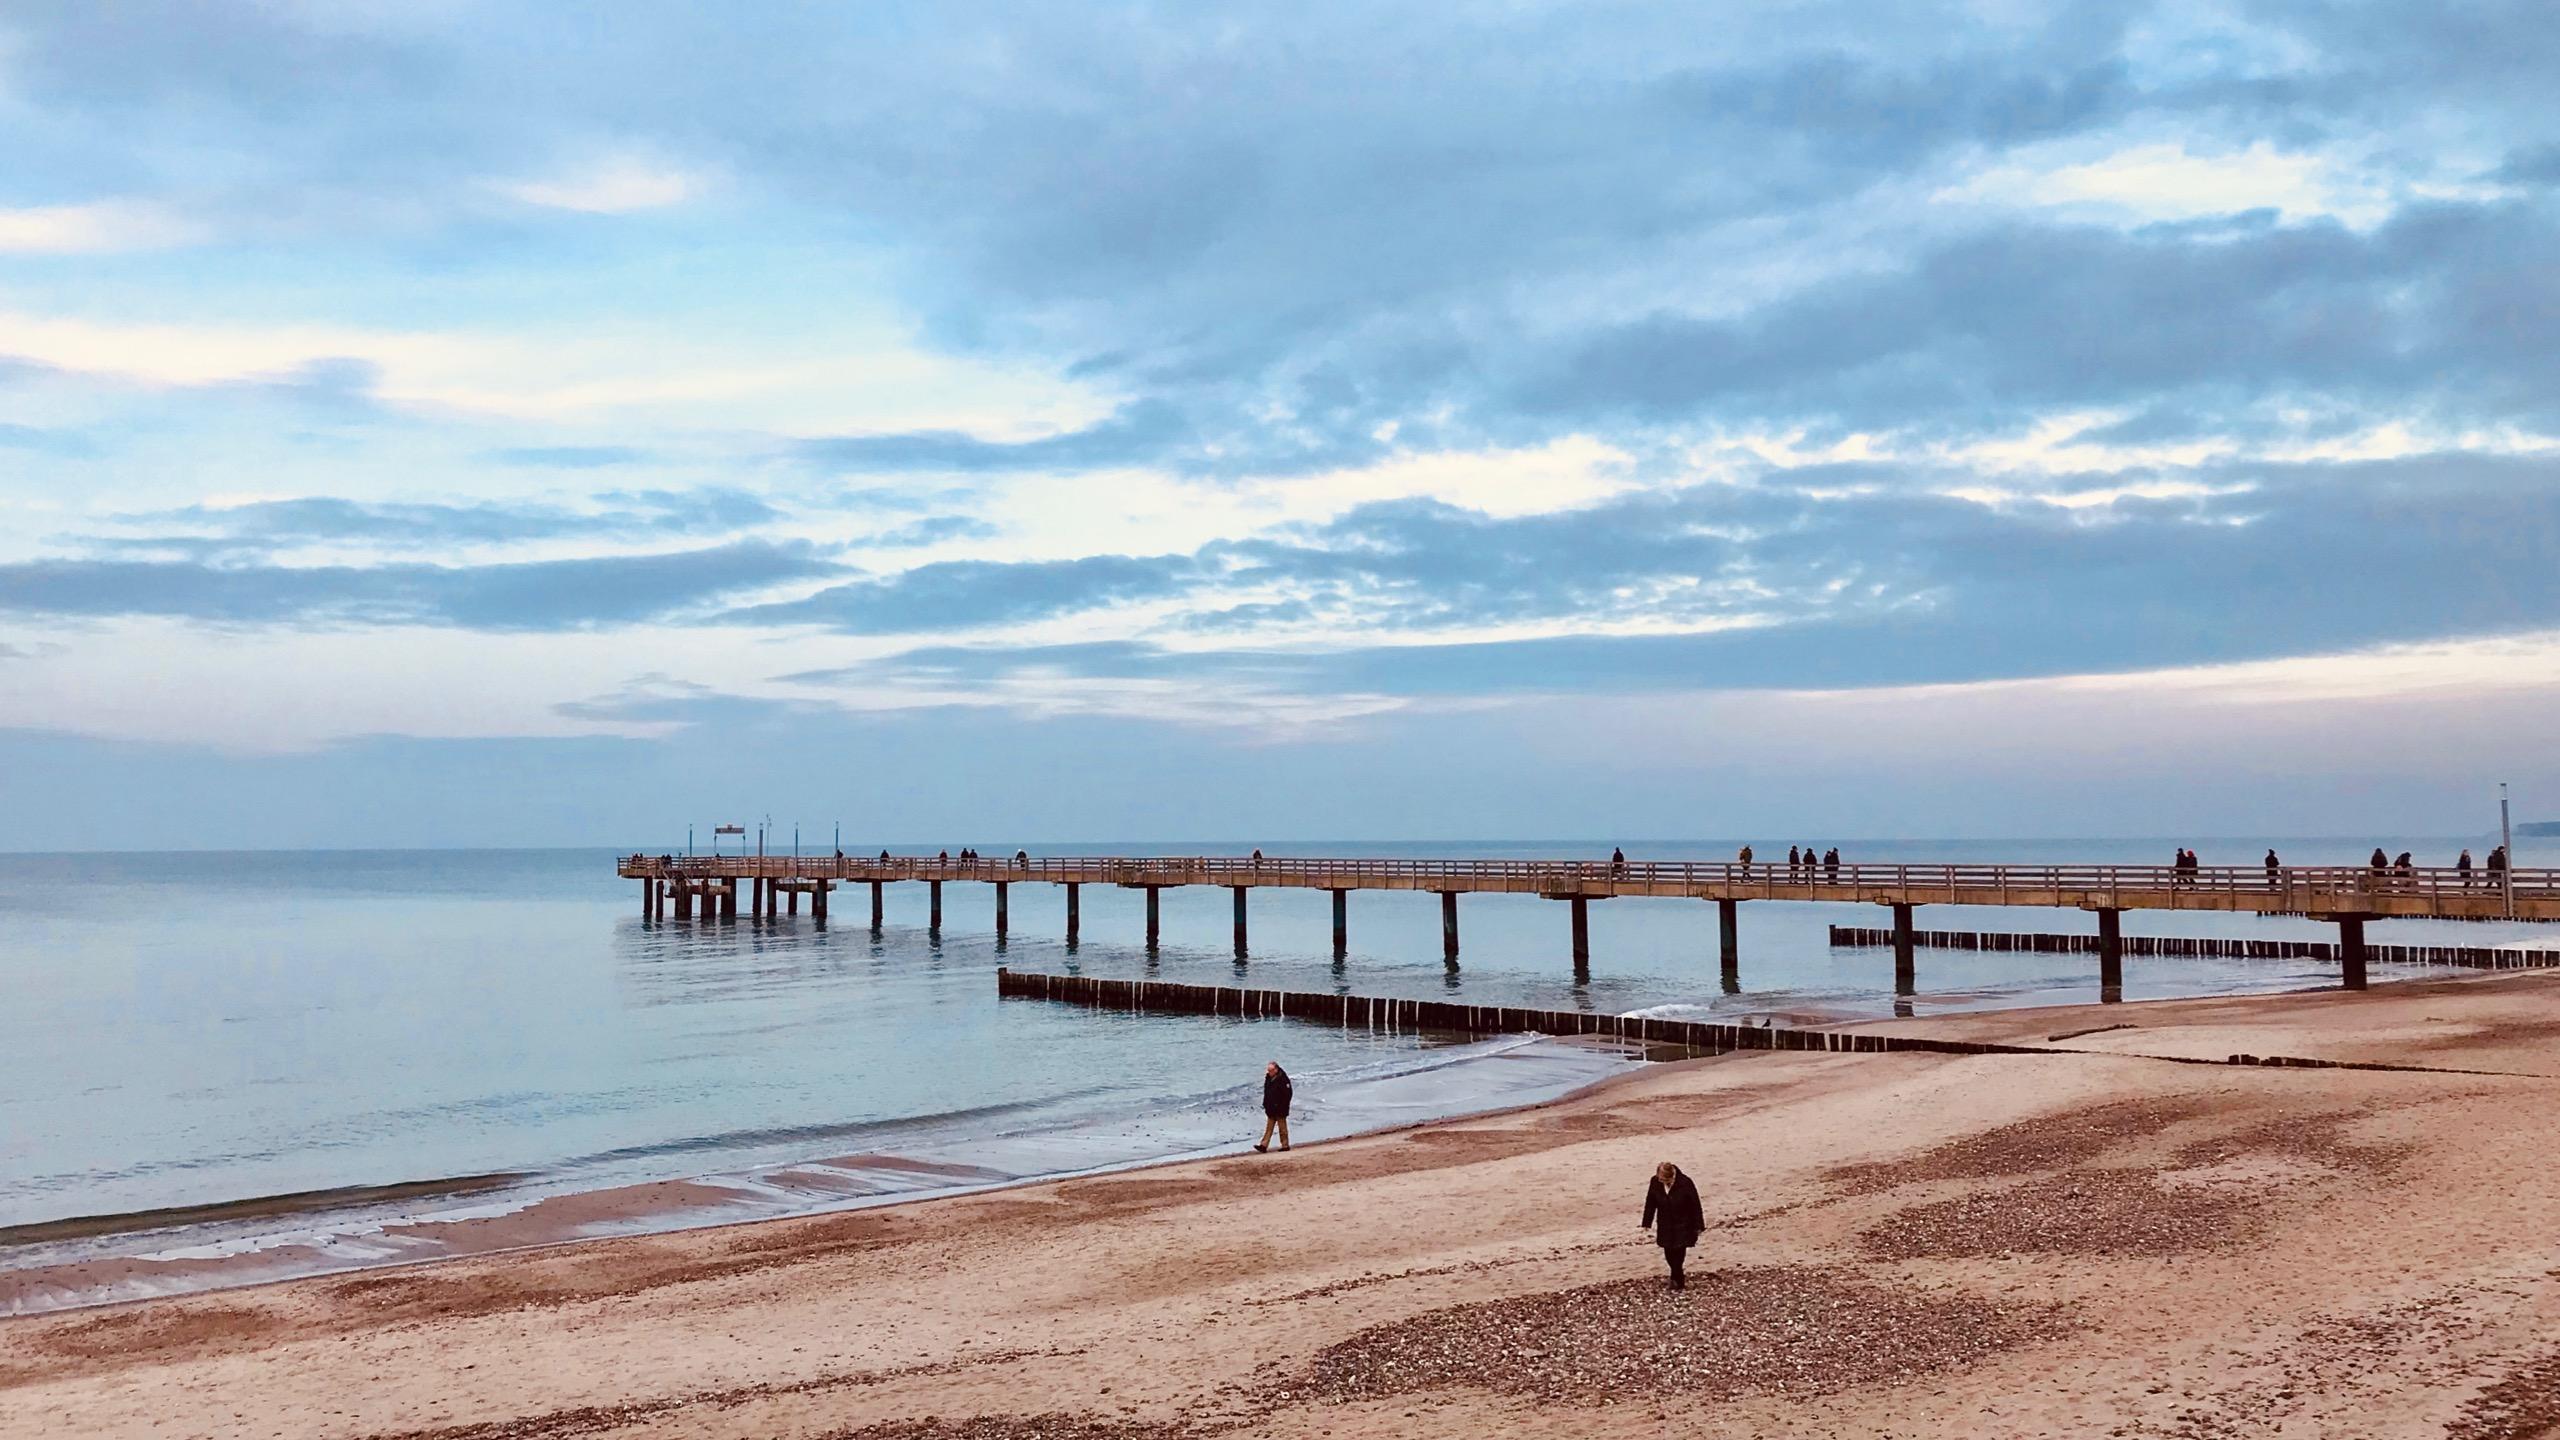 Die 200 Meter lange Seebrücke ist auch im Winter ein stimmungsvolles Motiv.